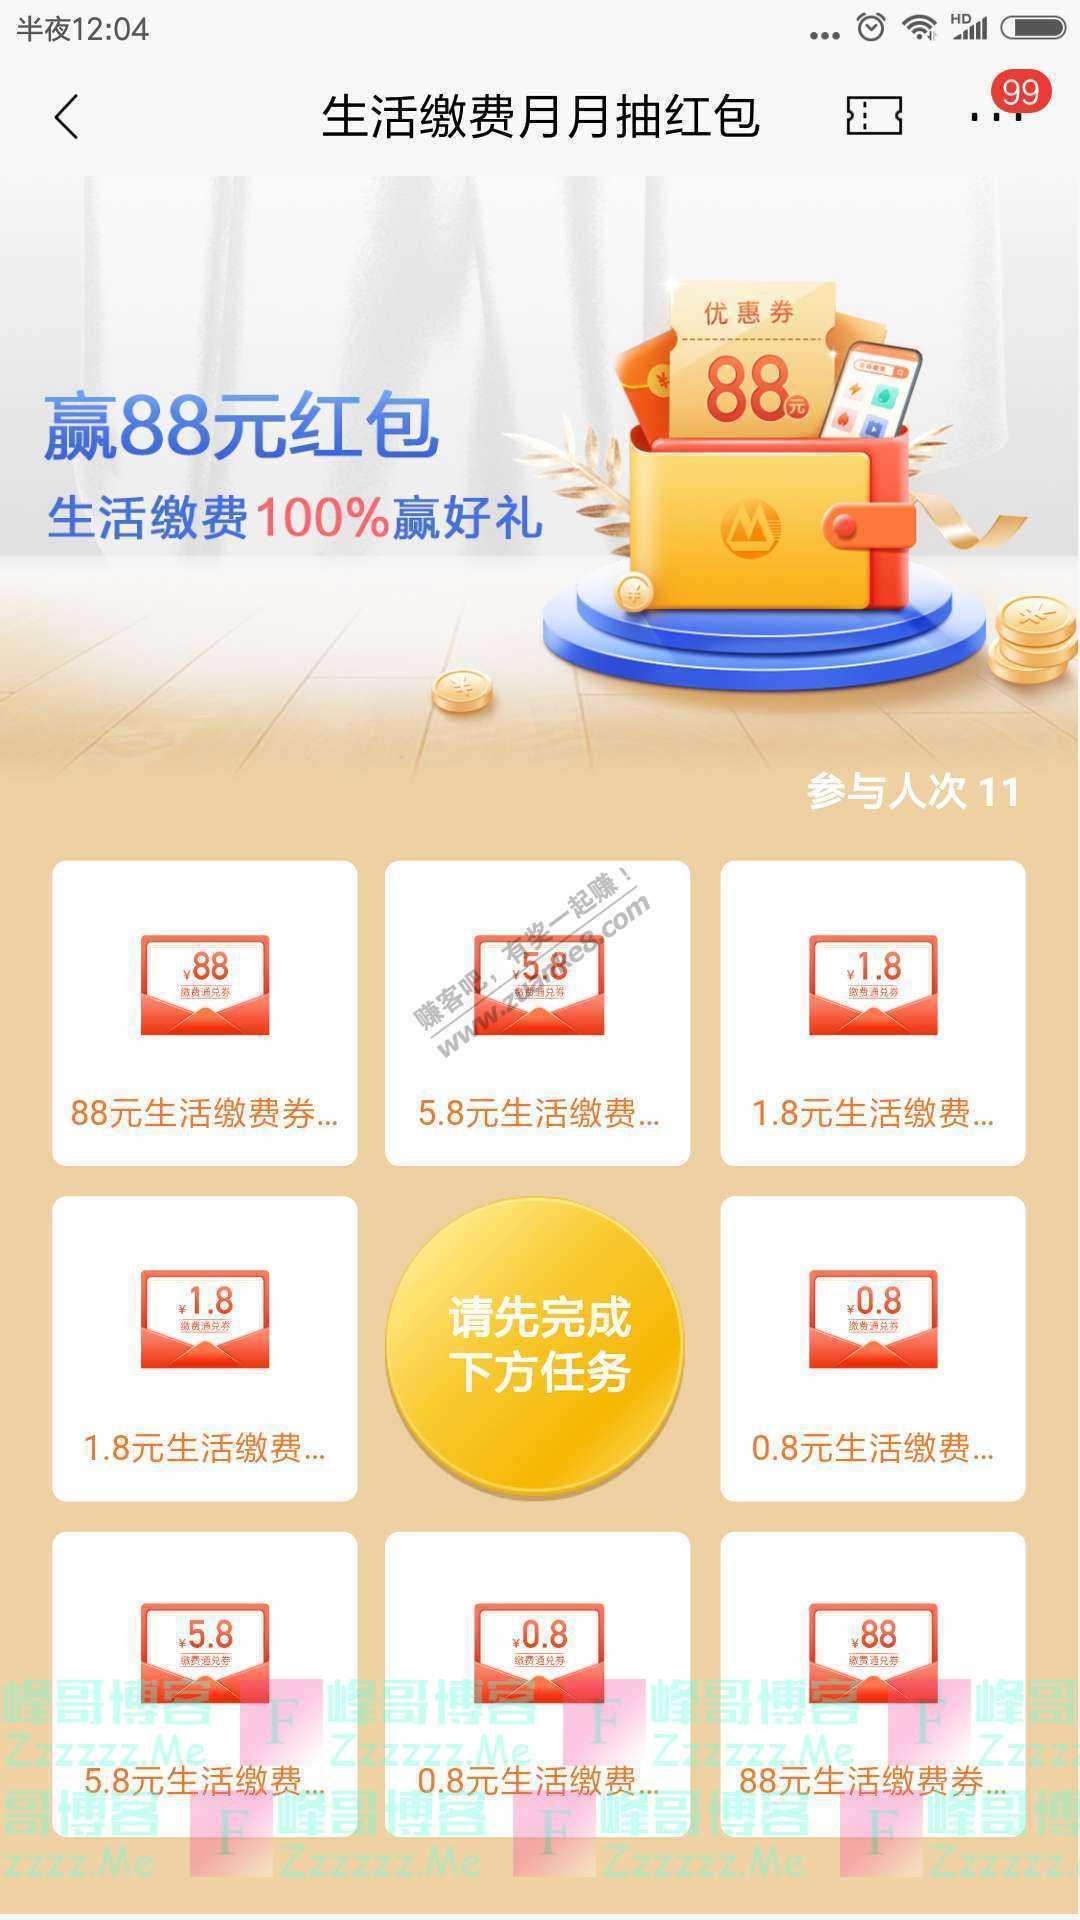 招商银行app生活缴费月月抽红包(截止8月31日)